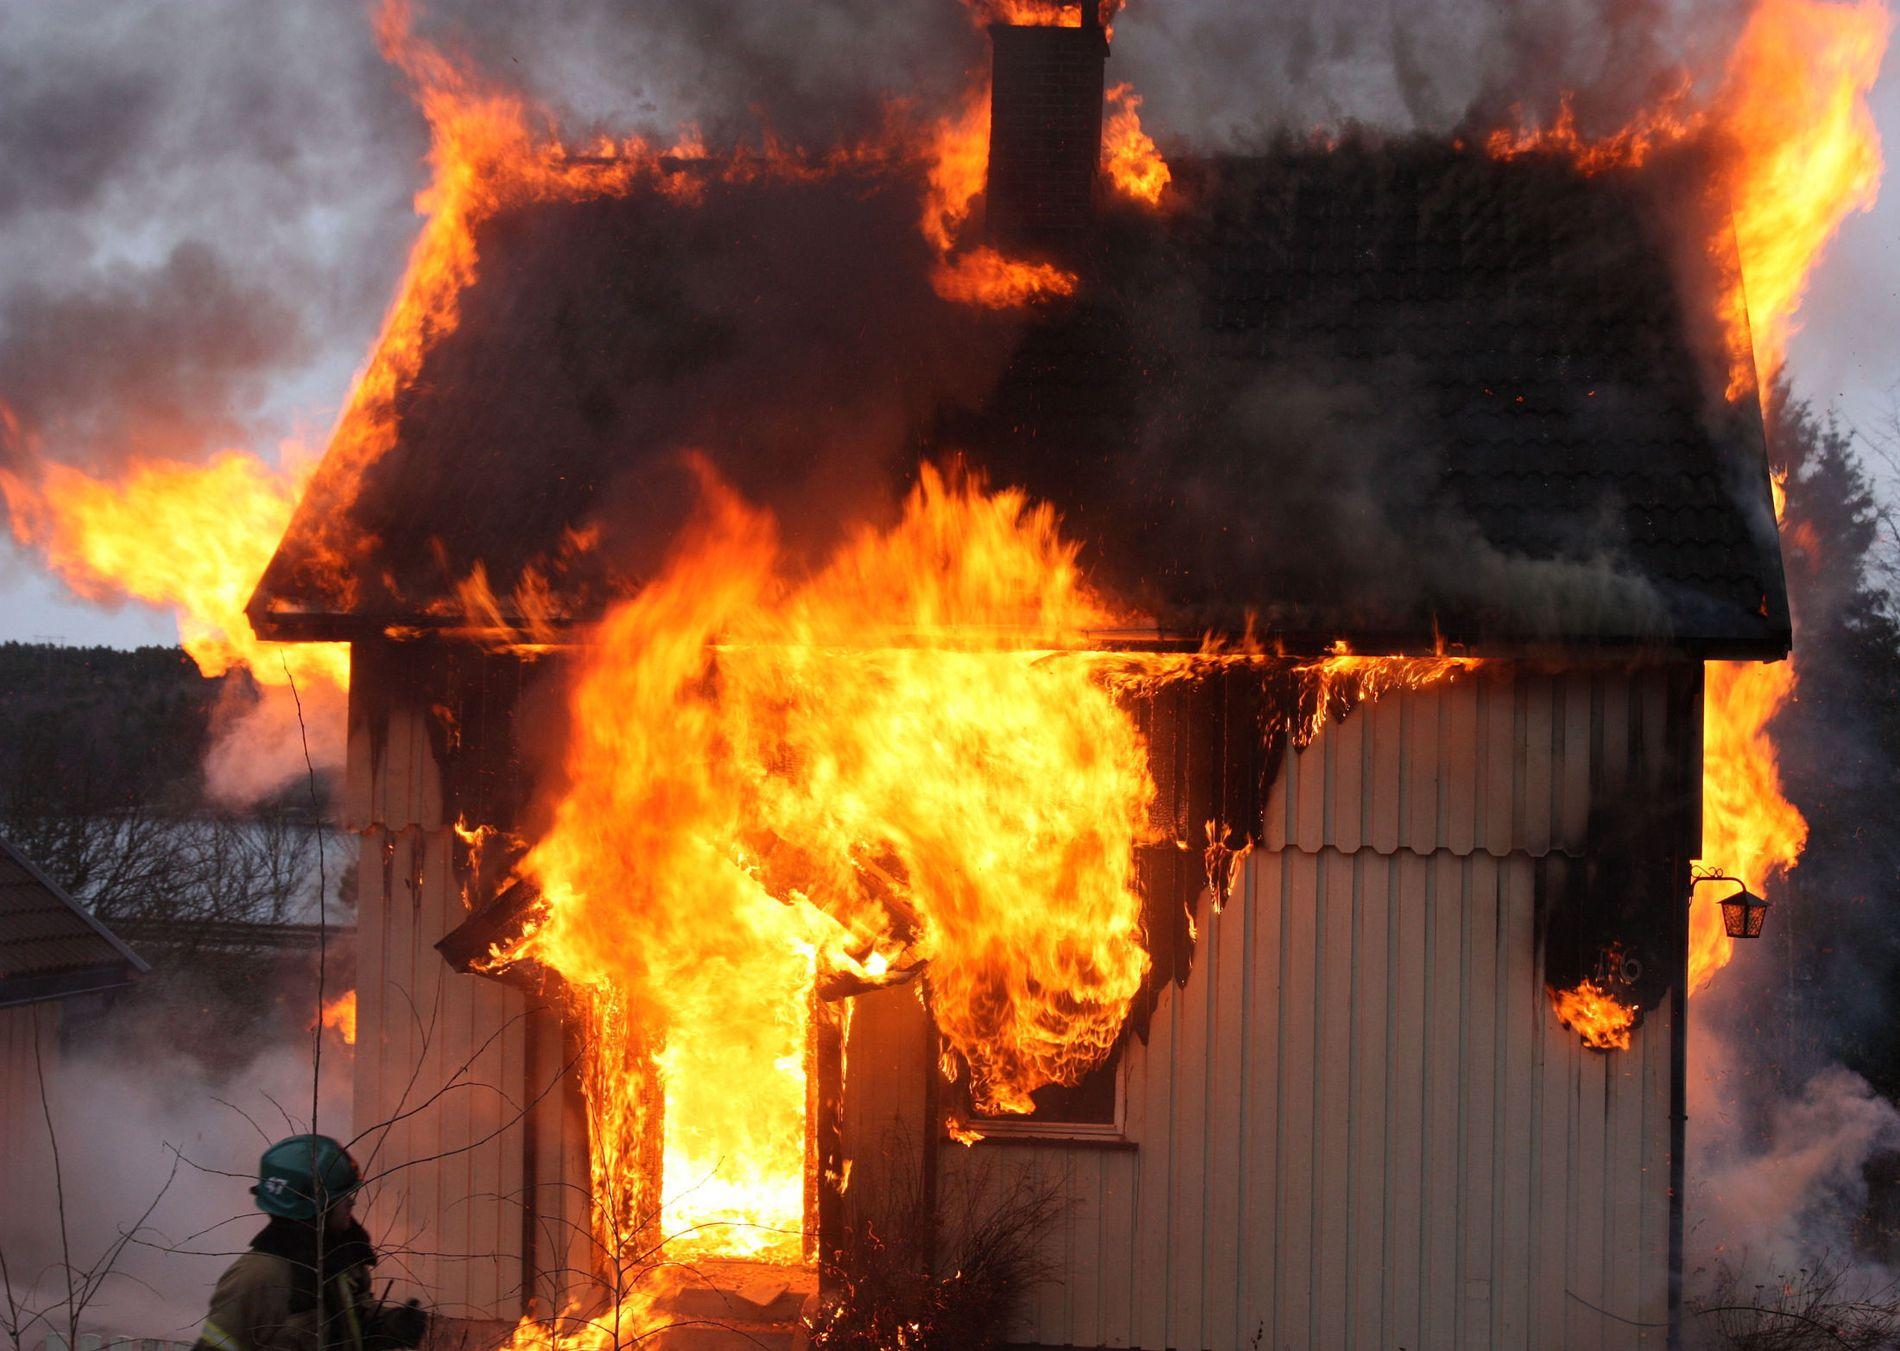 BRANNÅRSAKER: Over halvparten av boligbrannene skyldes feil i det elektriske anlegget eller feil bruk av elektrisk utstyr. Dette bildet er fra en øvelse tidligere i vinter.